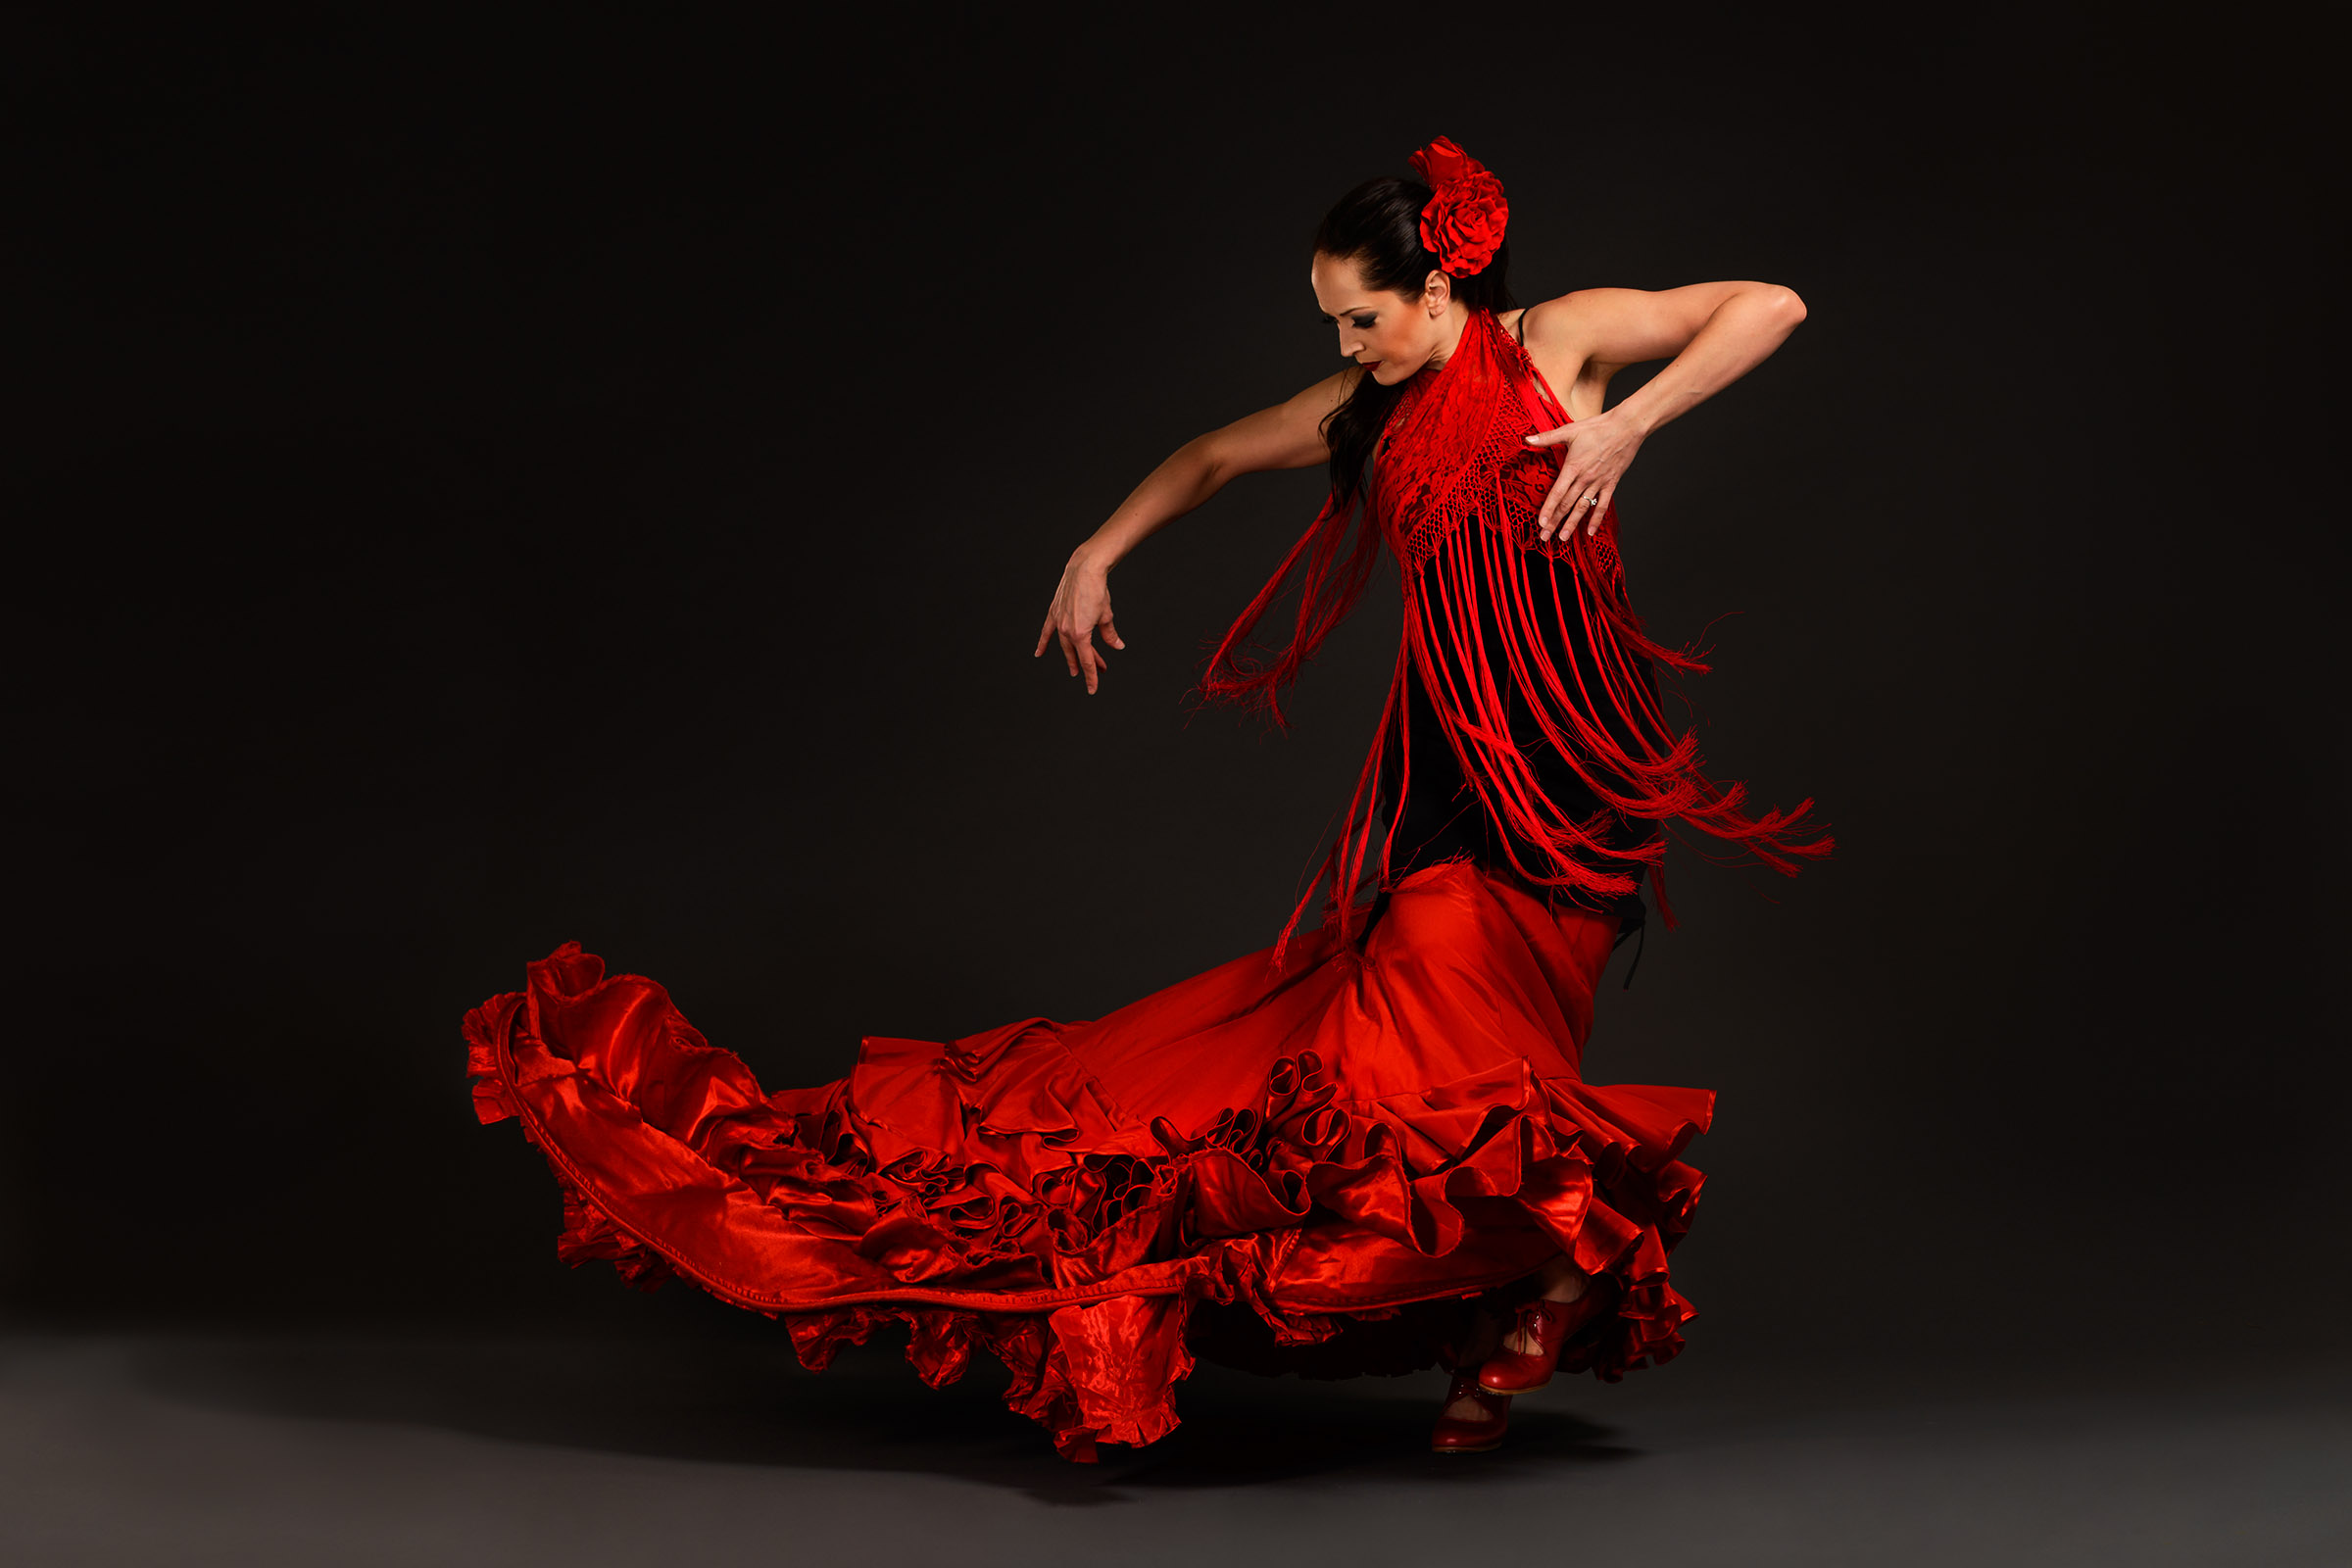 Oleaje-flamenco-042816-289_small